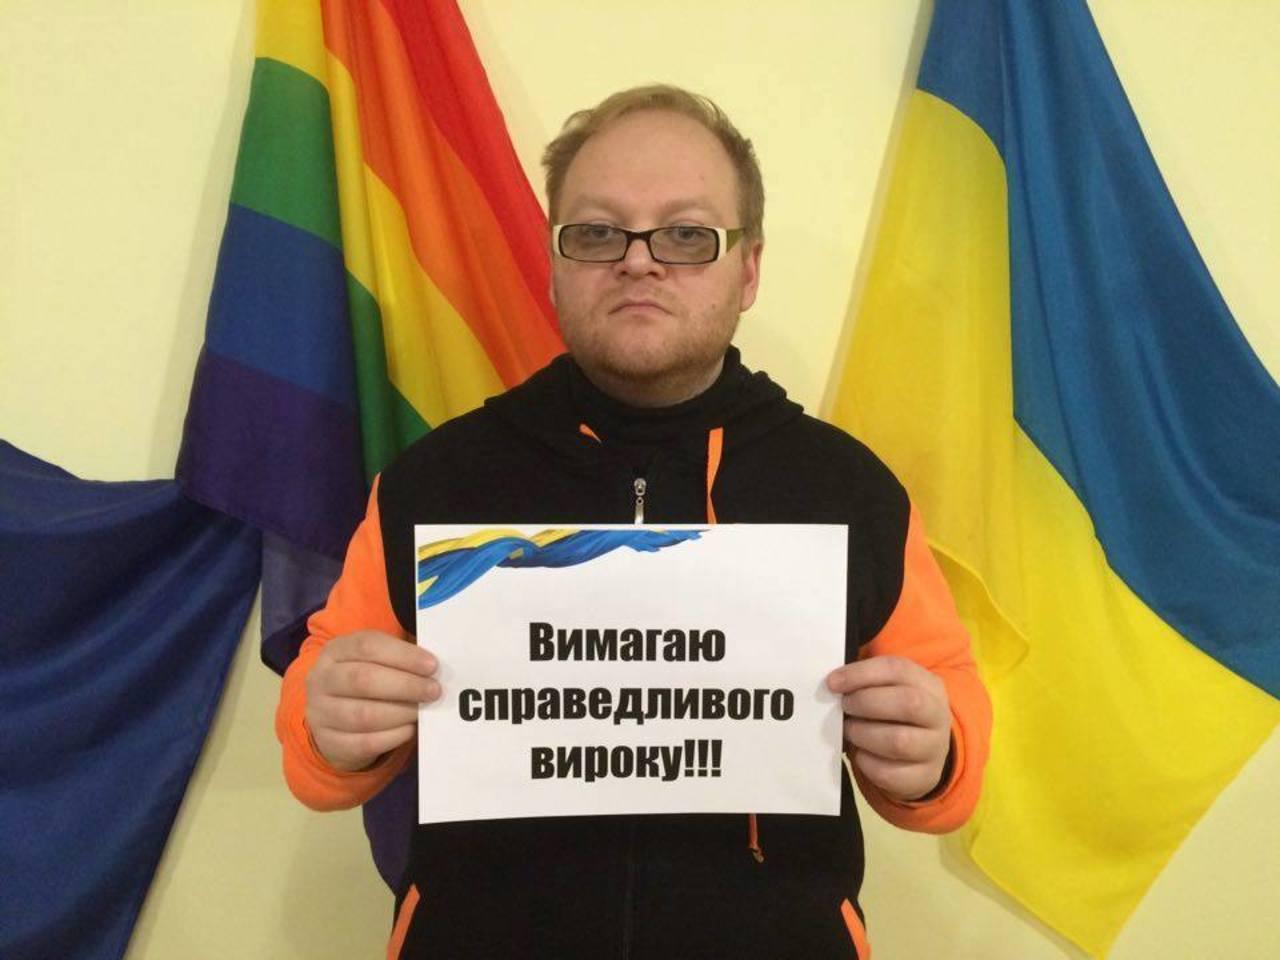 Ukraine : L'un des organisateurs de la Pride de Kryvy agressé par une dizaine d'inconnus en plein centre ville